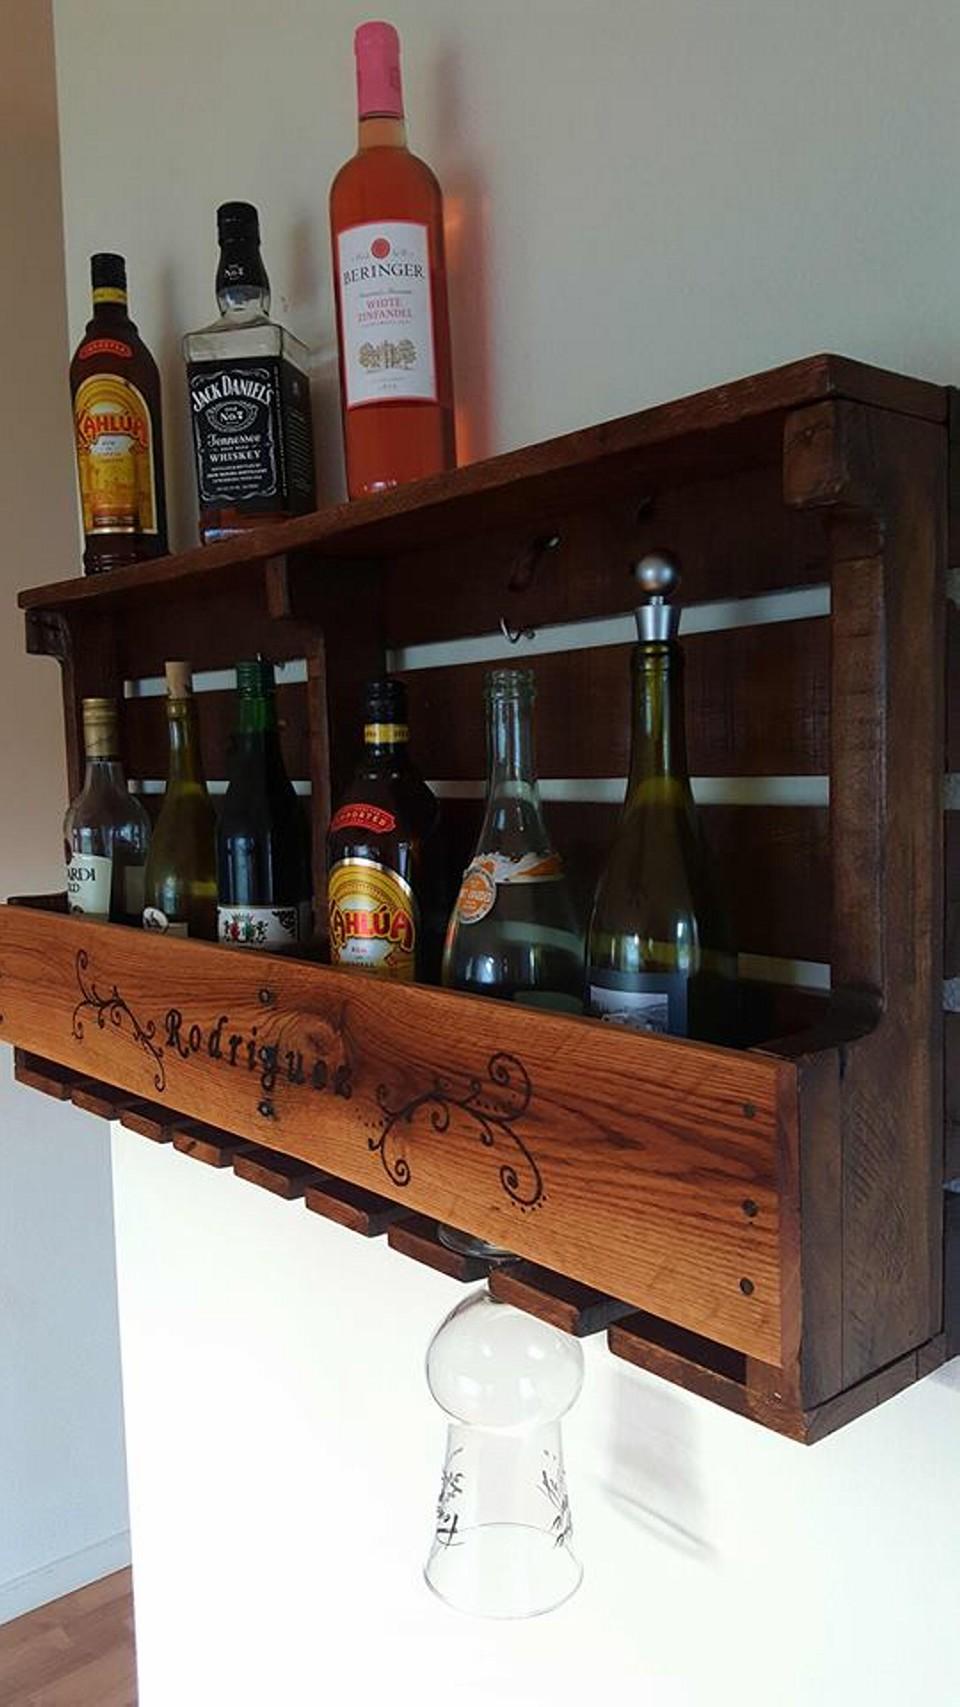 Pallet Rustic Wine Rack in Wood Burned Design | Pallet Ideas on Pallet Design Ideas  id=65345